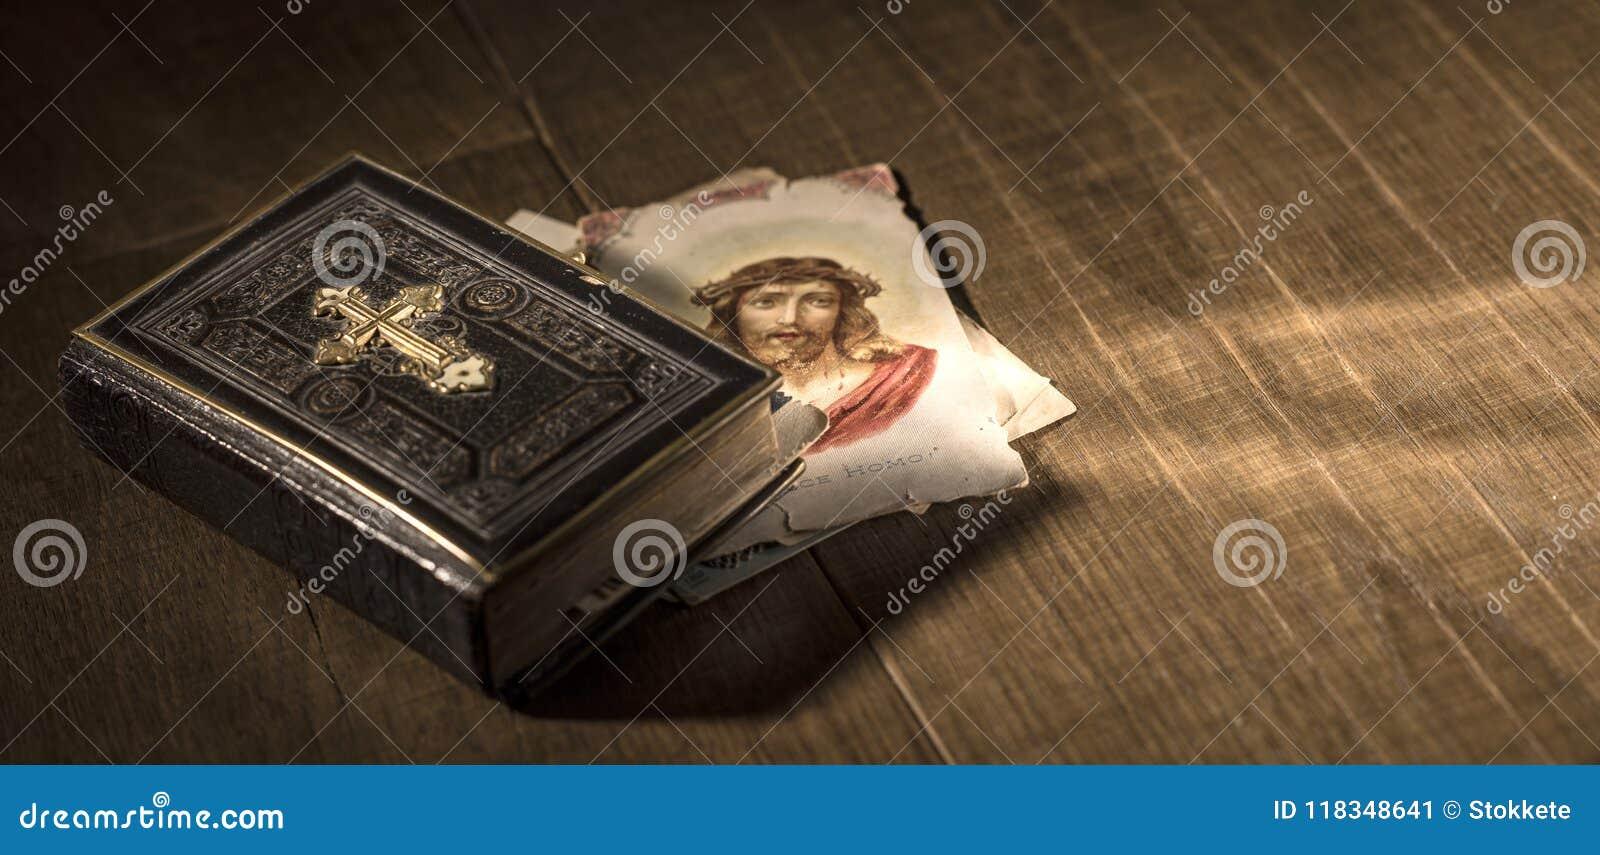 Heilige Bibel und heilige Karte mit Jesus Christ-Bild auf einem Schreibtisch